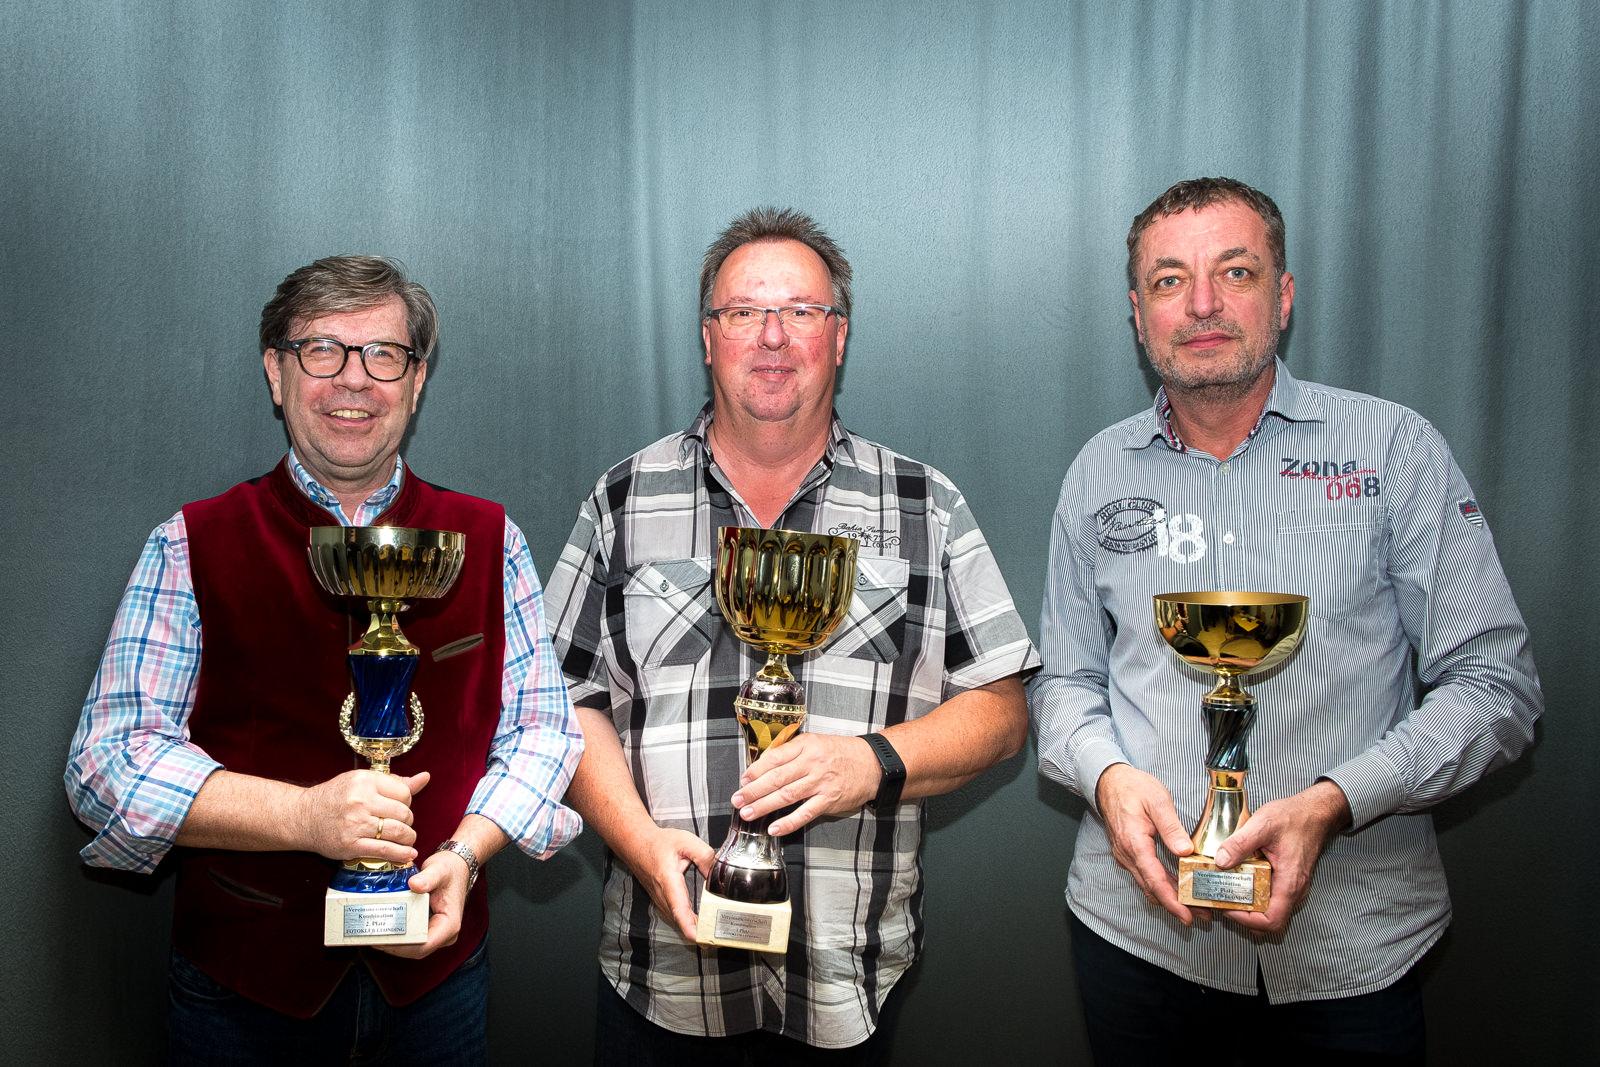 Klubmeisterschaft Sieger: Kurt Steindl (2. Platz), Helmut Ming (1. Platz), Kurt Bayerl (3. Platz)